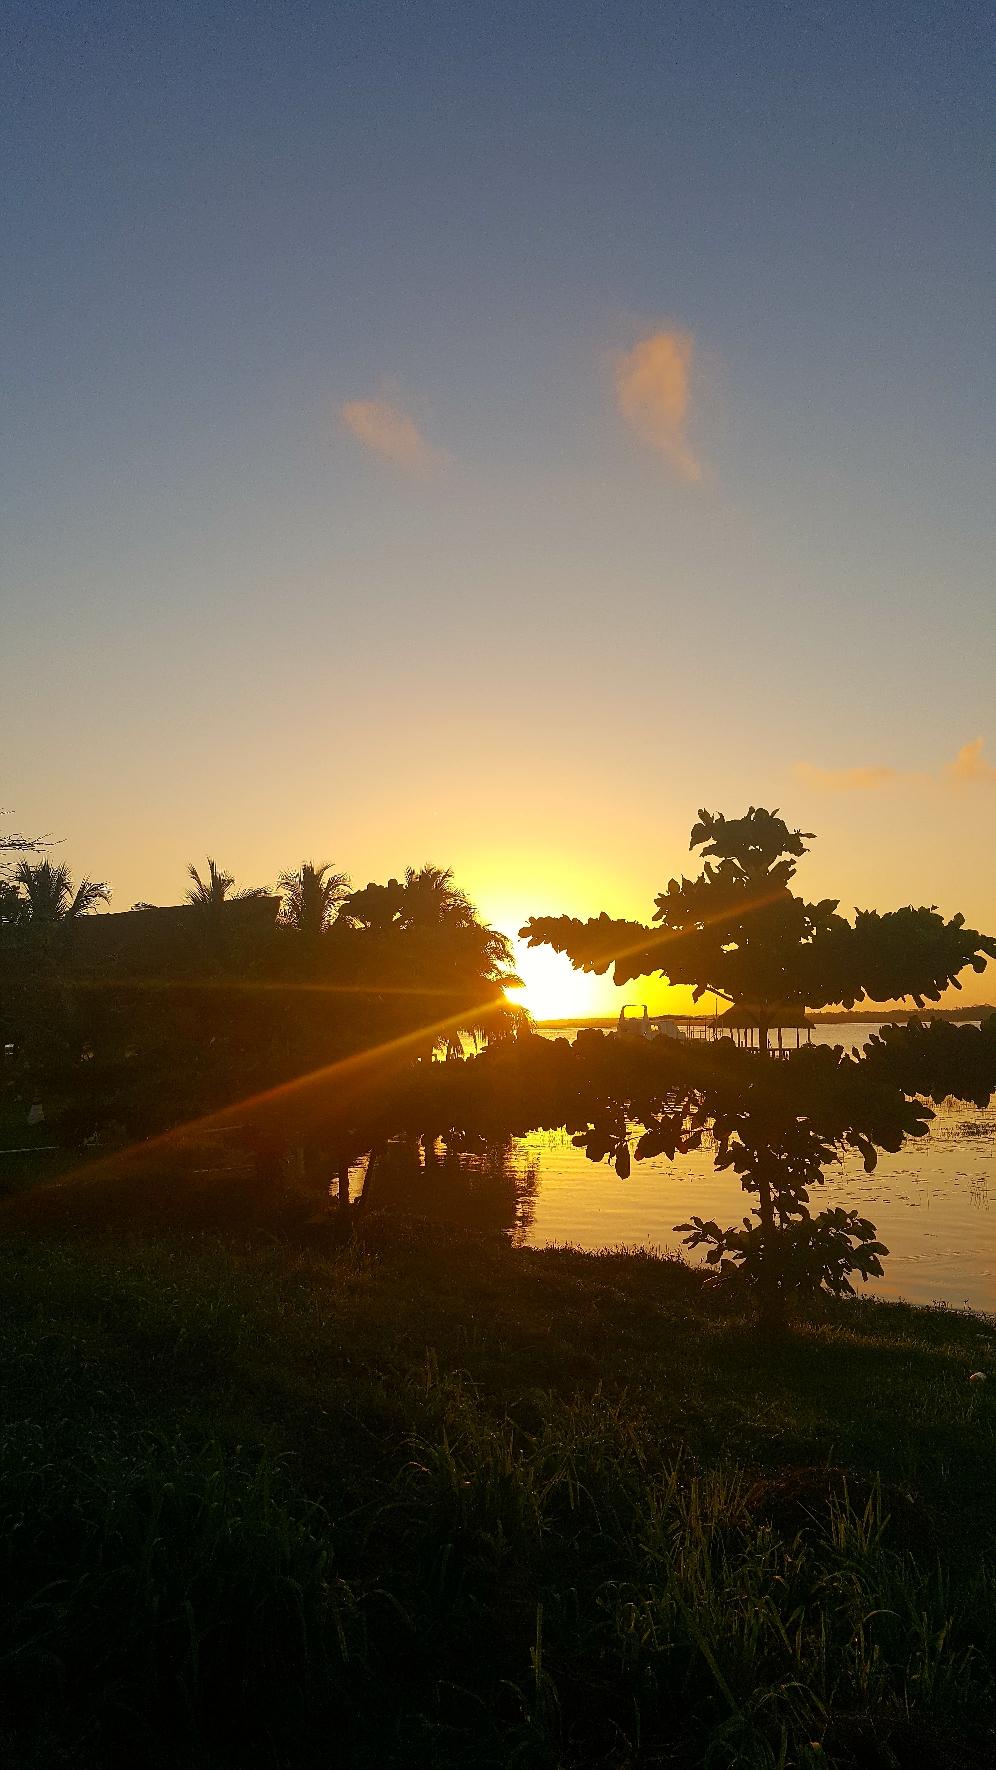 Den Sonnenaufgang hier solltet ihr mindestens einmal miterlebt haben!